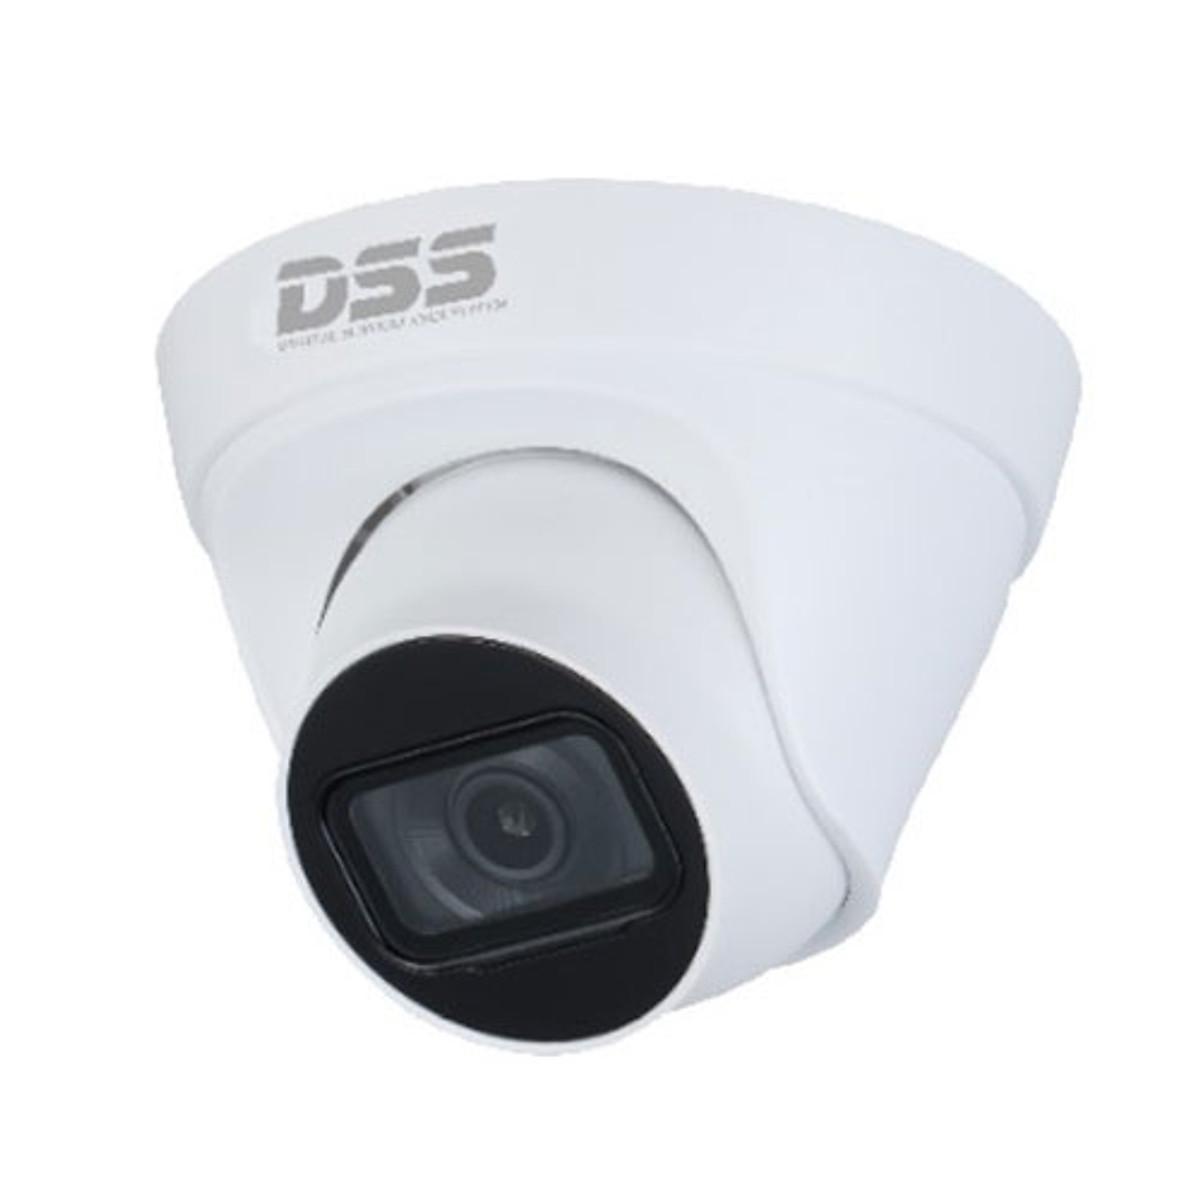 Camera IP Dome 2.0 Megapixel DAHUA DS2230TDIP-S2 – Hàng Chính Hãng